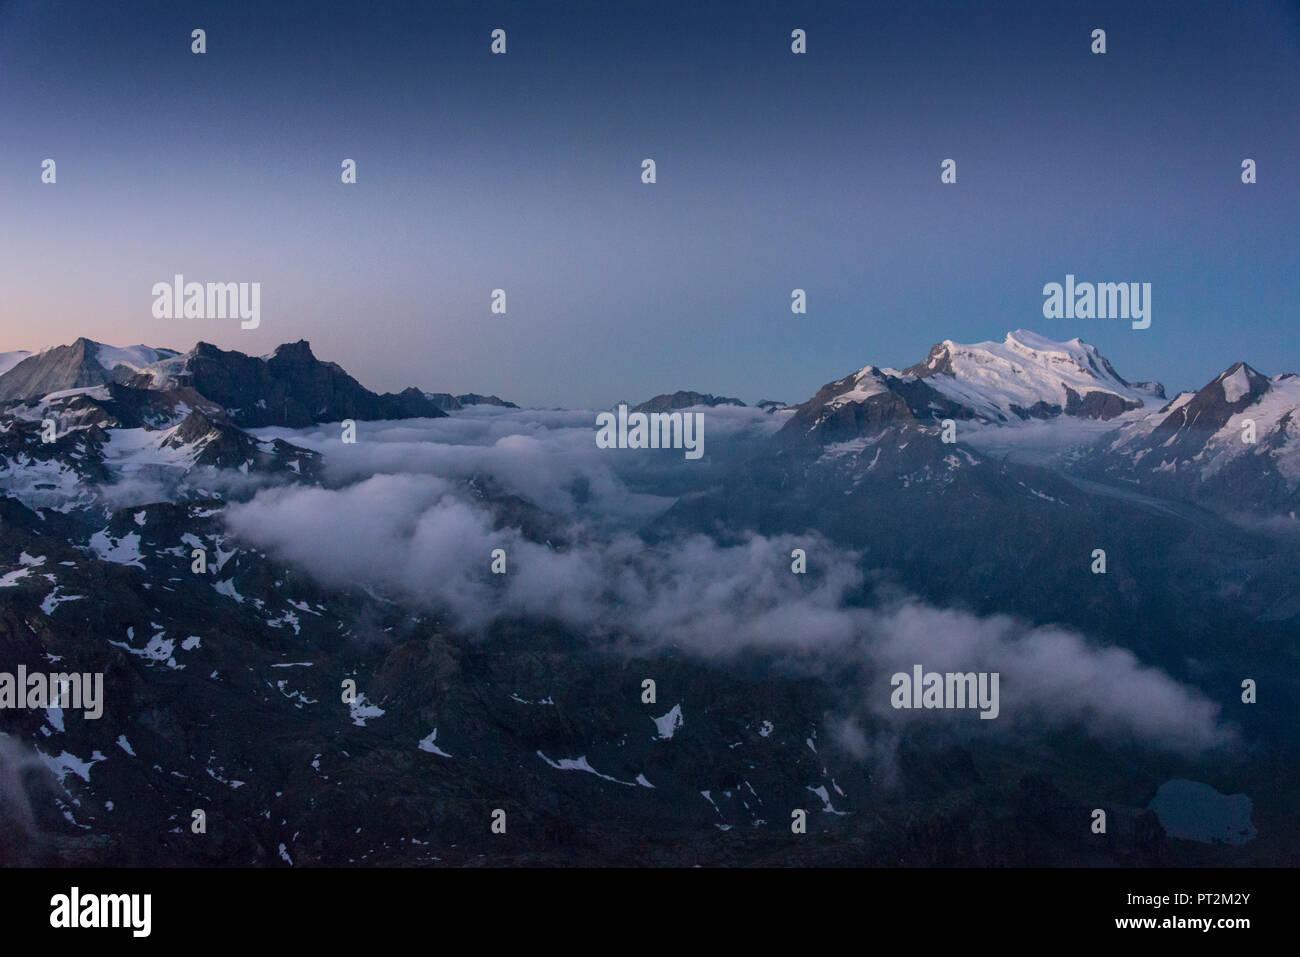 Switzerland, canton Valais, district Entremont, Verbier, sunrise, 3329 m high Mont-Fort, view on the Combin de Corbassière - Stock Image